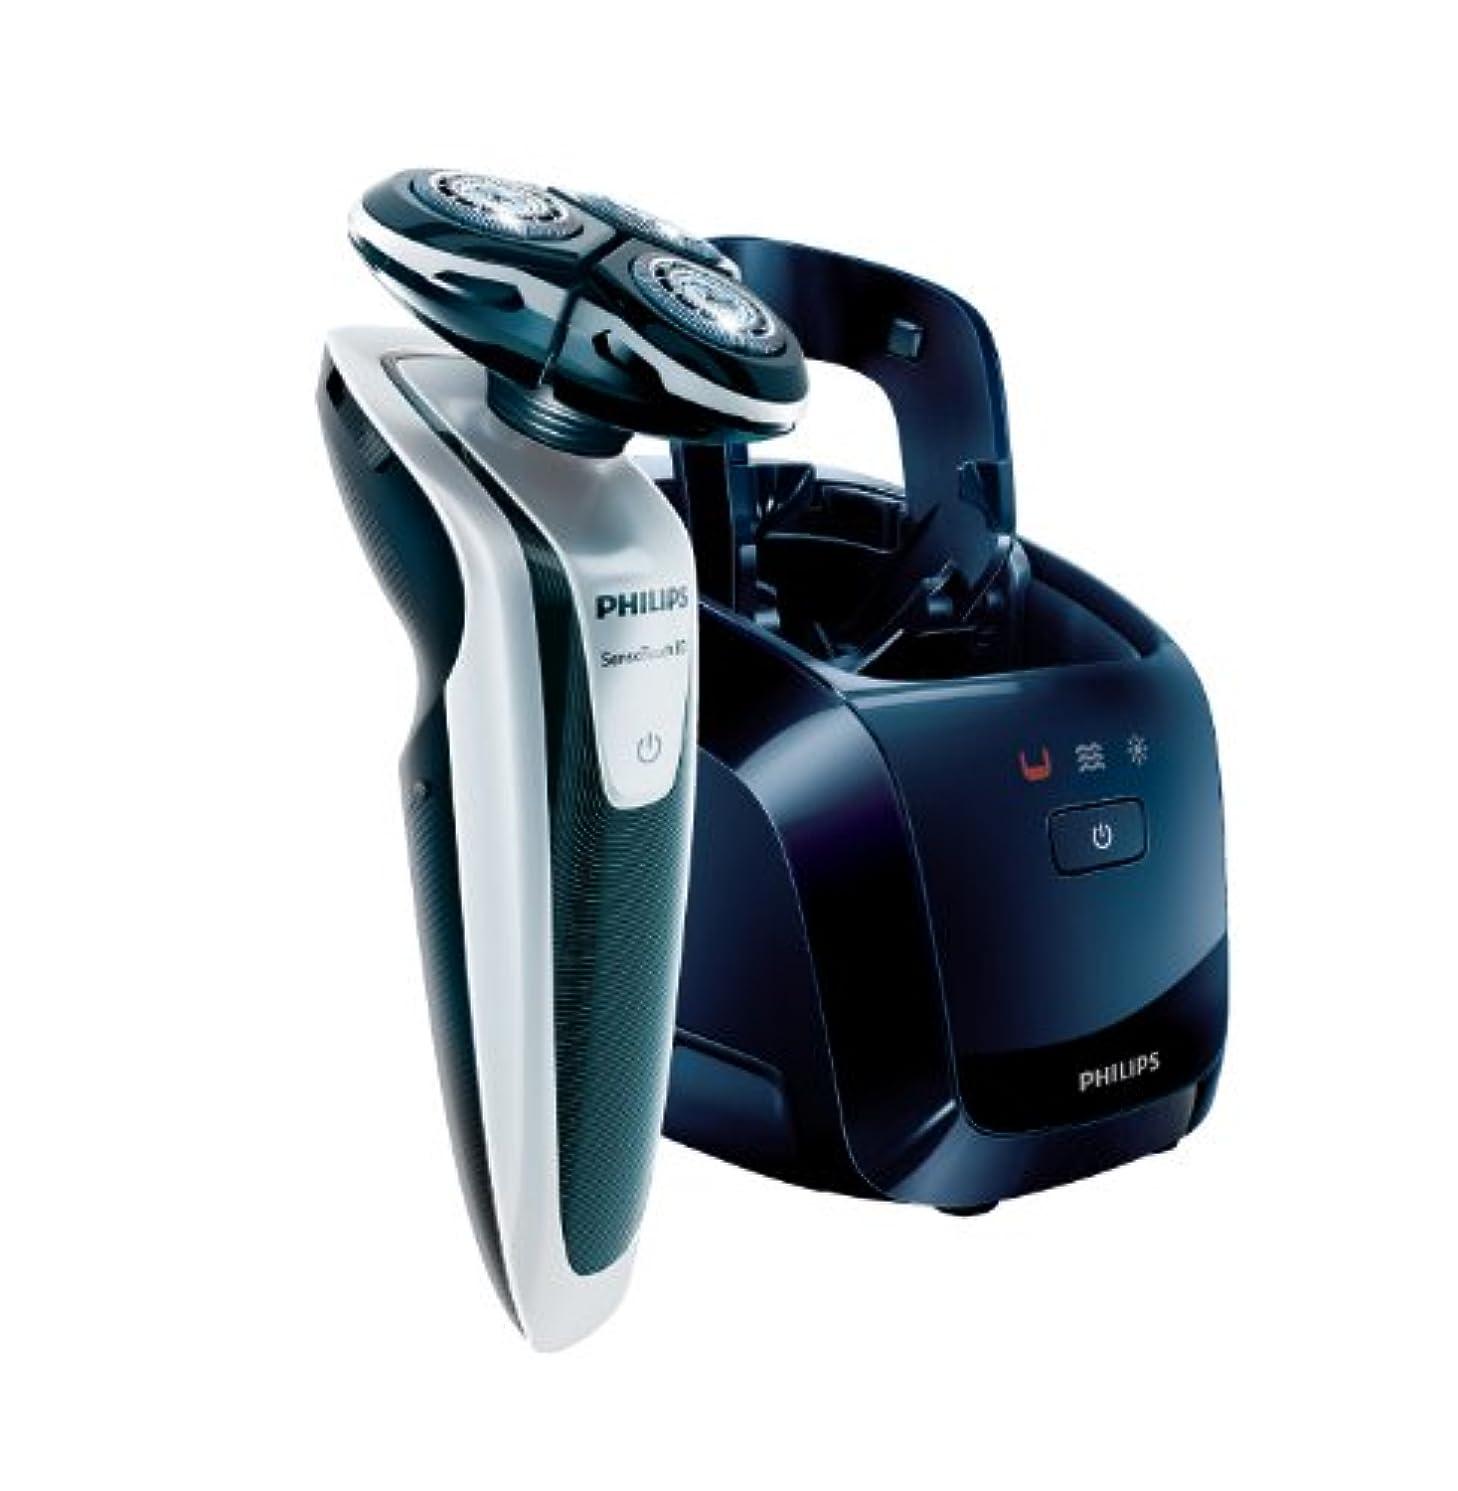 闘争屋内小道フィリップス シェーバー センソタッチ3D【洗浄充電器付】RQ1251CC